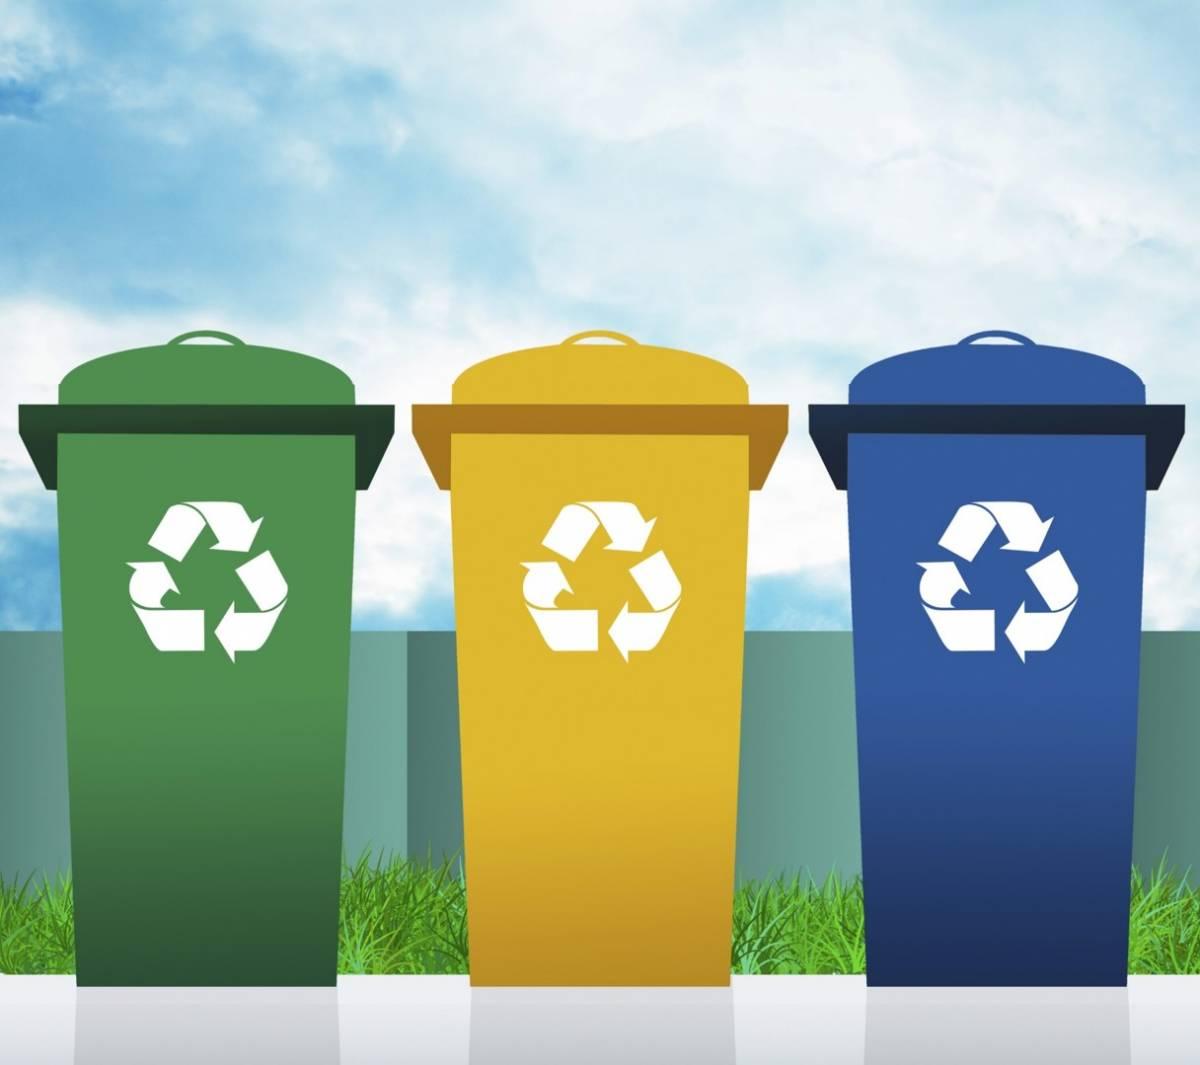 Od 1. prosinca novi raspored odvoza korisnog otpada za gospodarstvo, stambene zgrade i zelene otoke